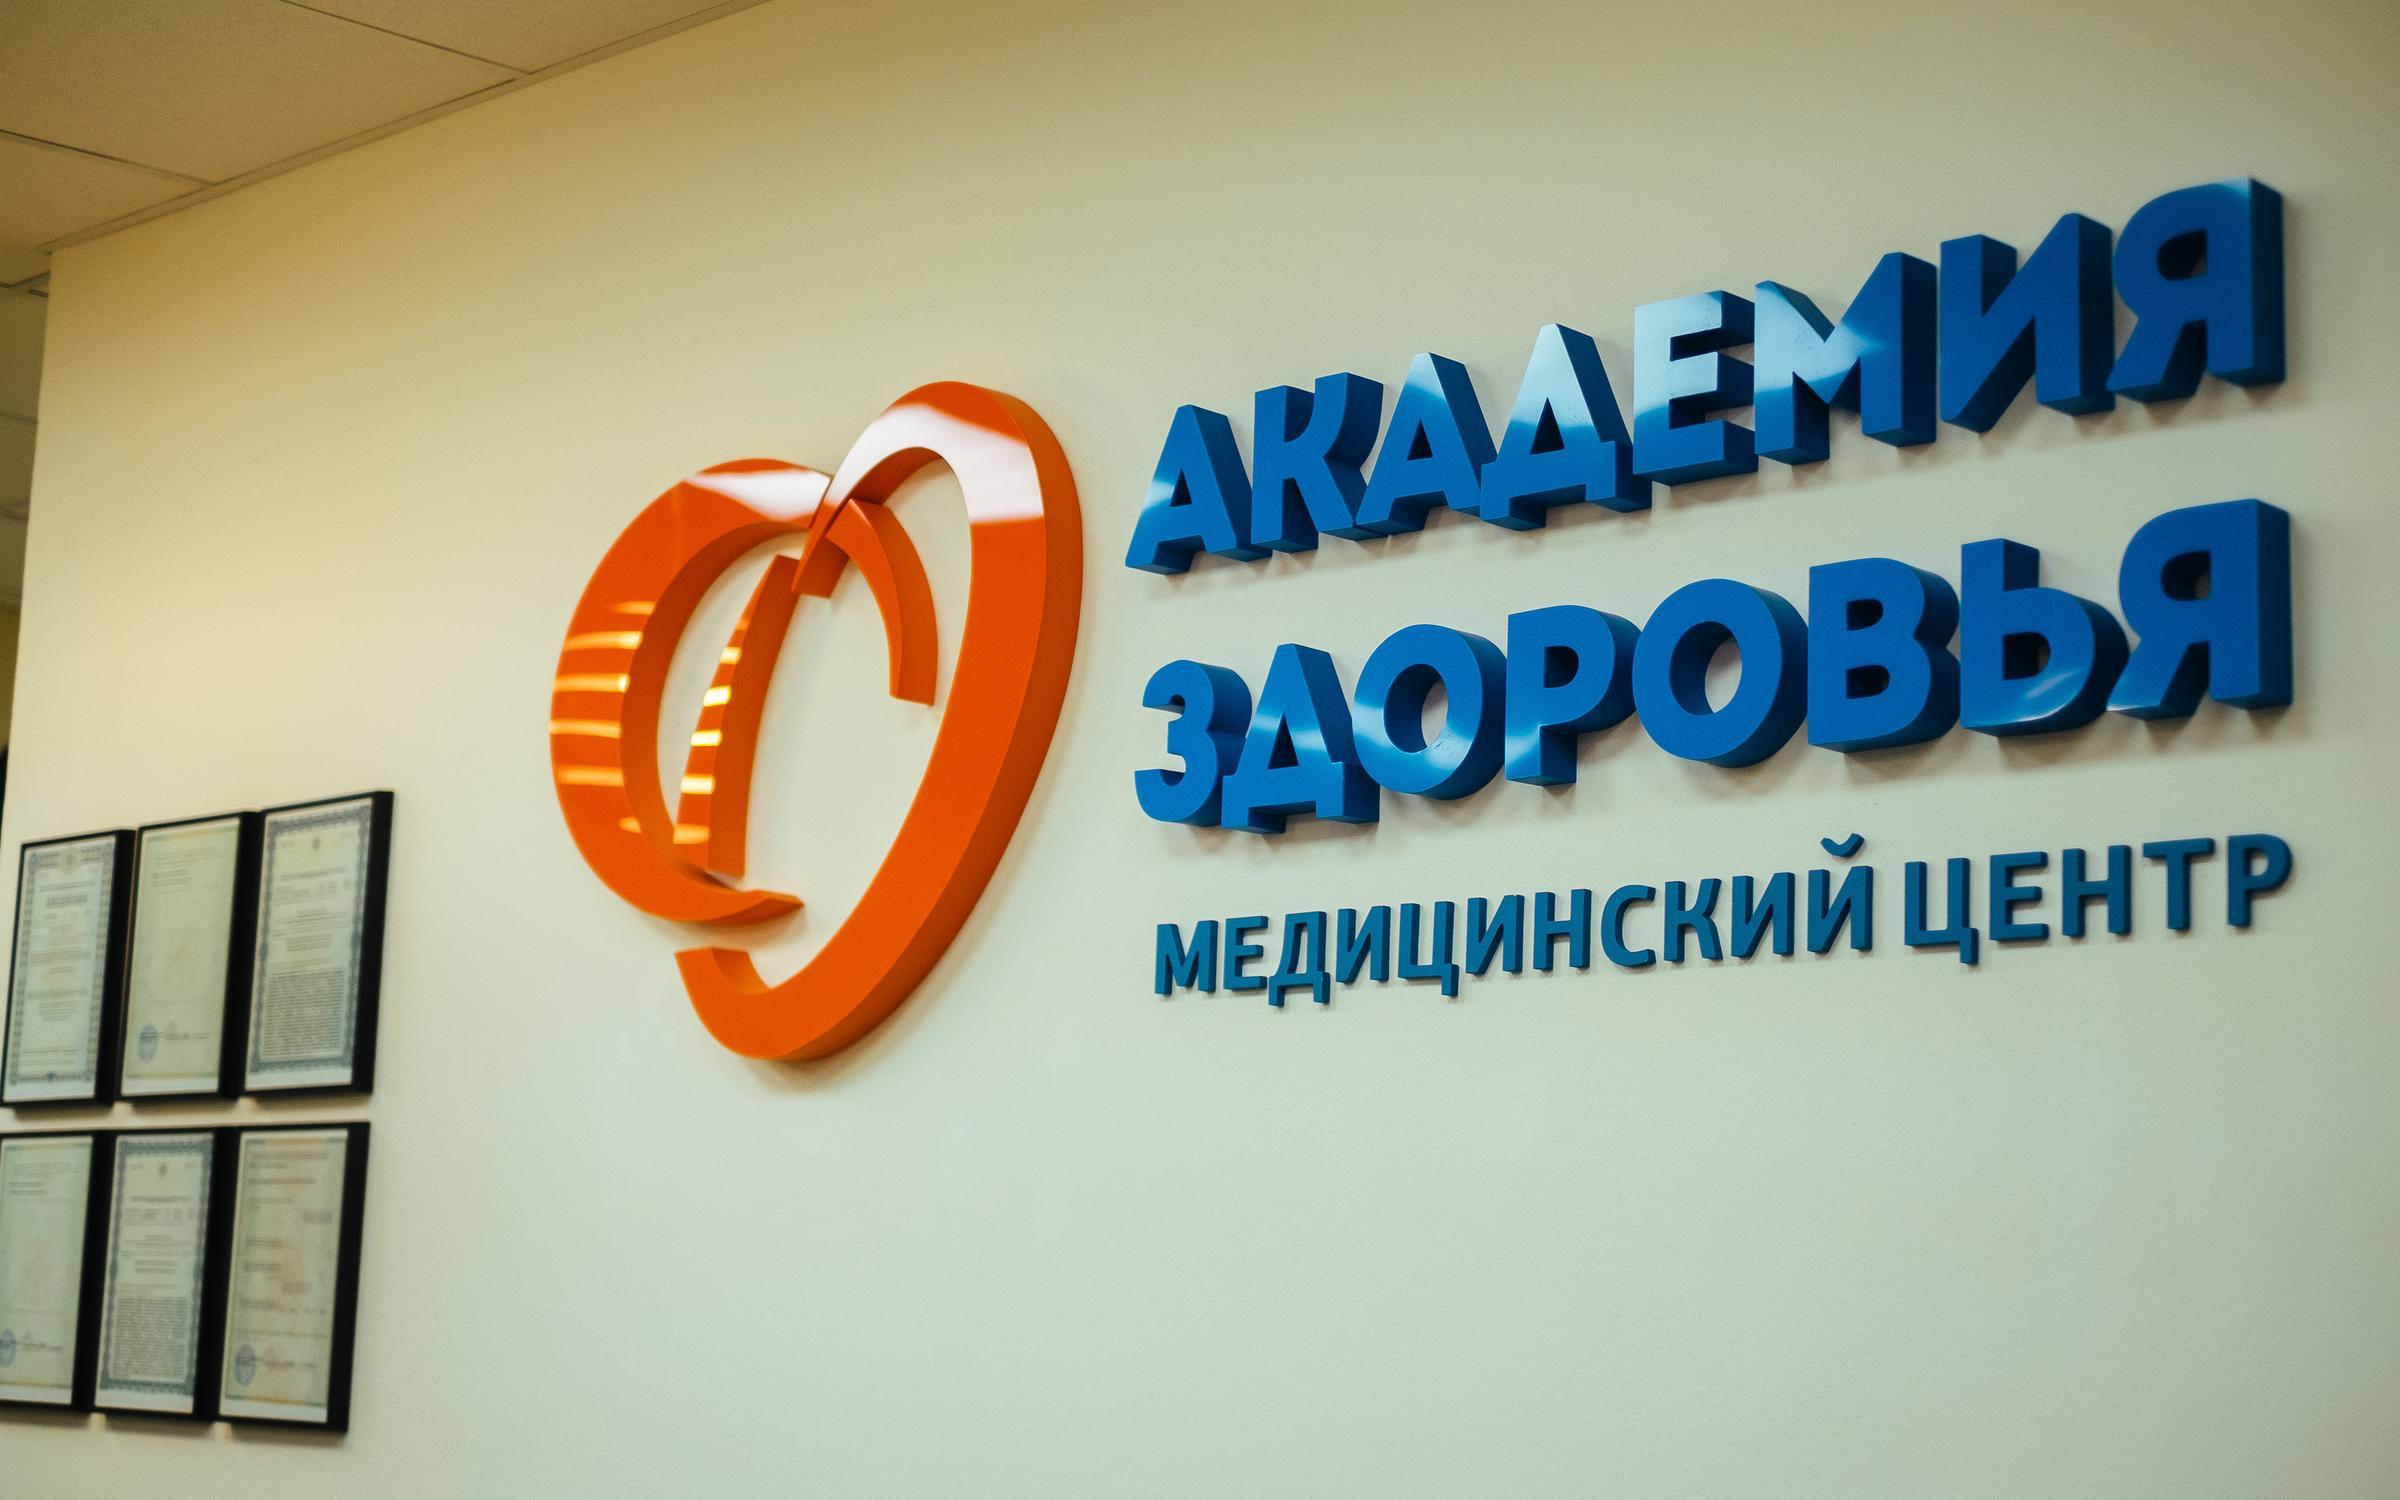 фотография Медицинского центра Академия здоровья на проспекте Комарова